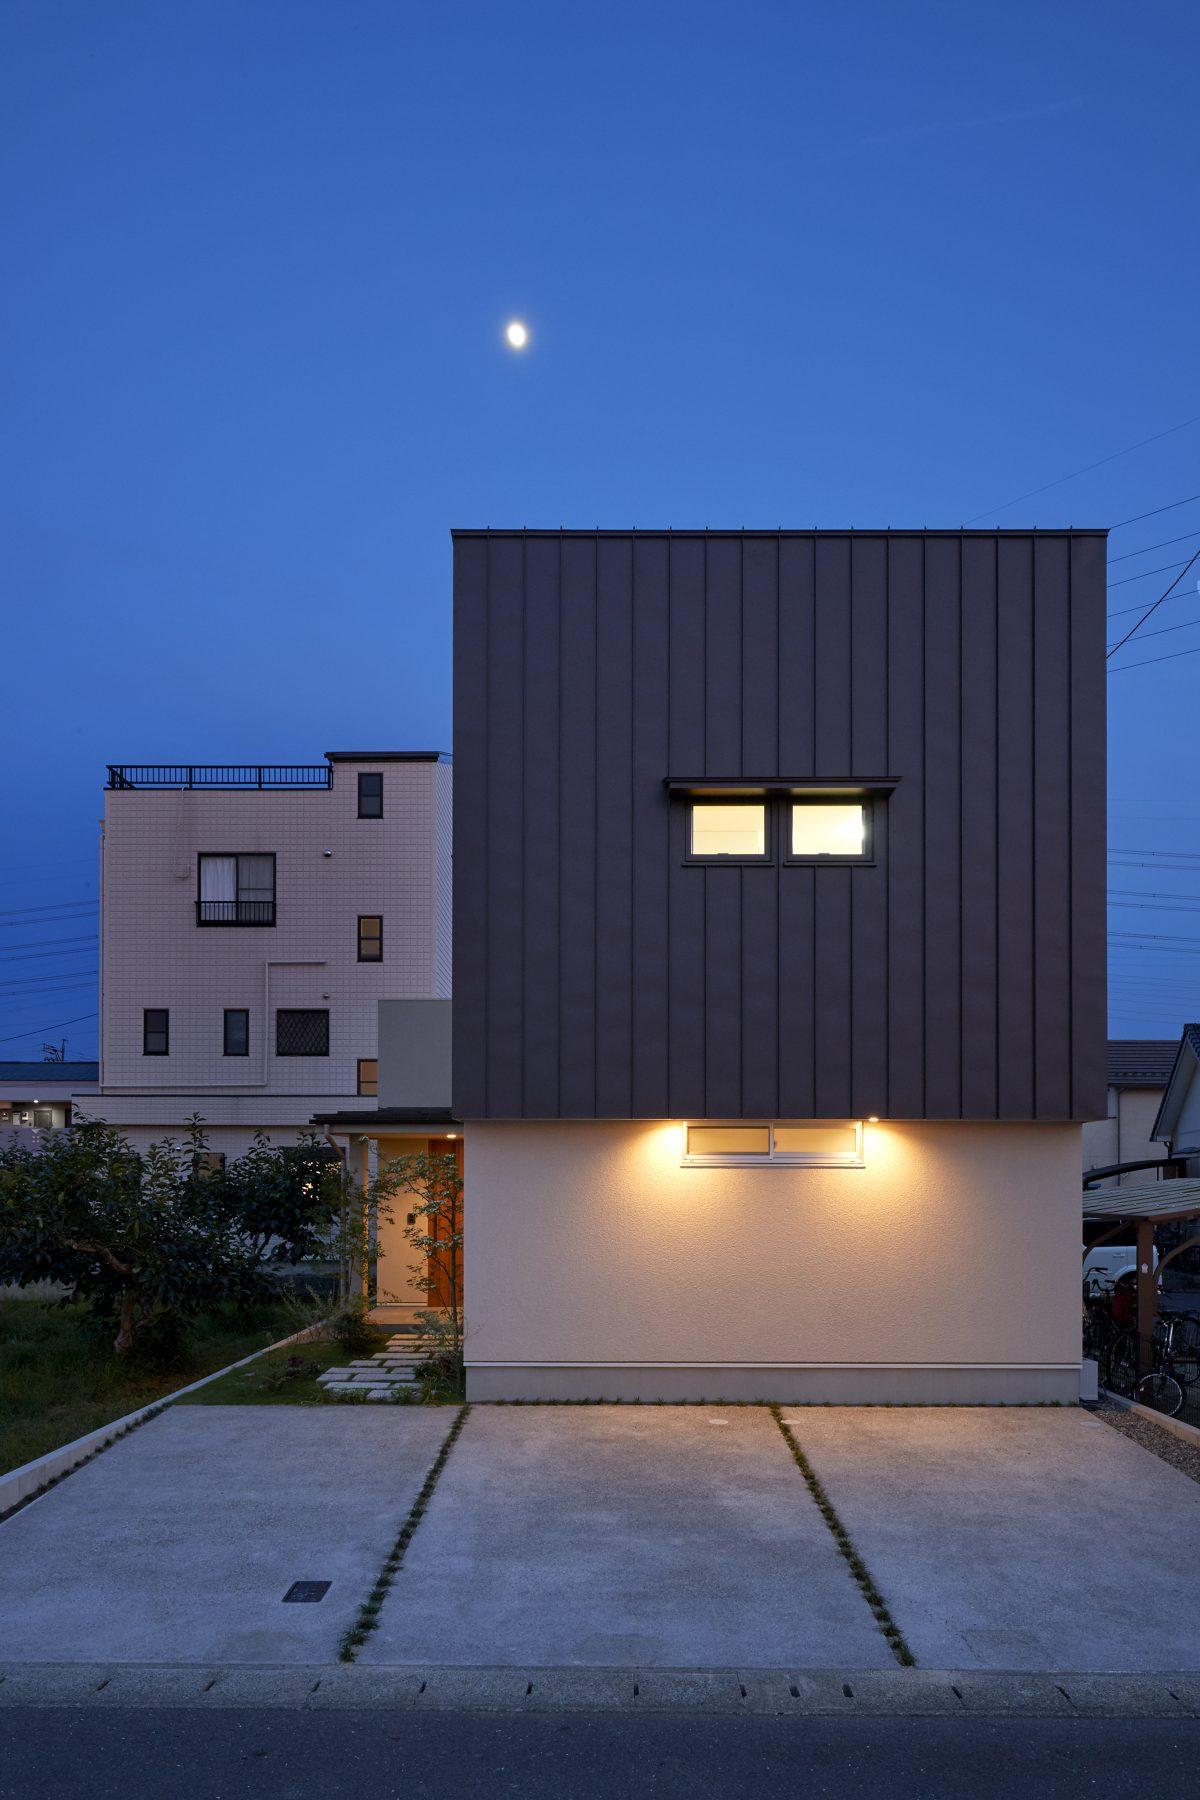 北方町 モデル住宅